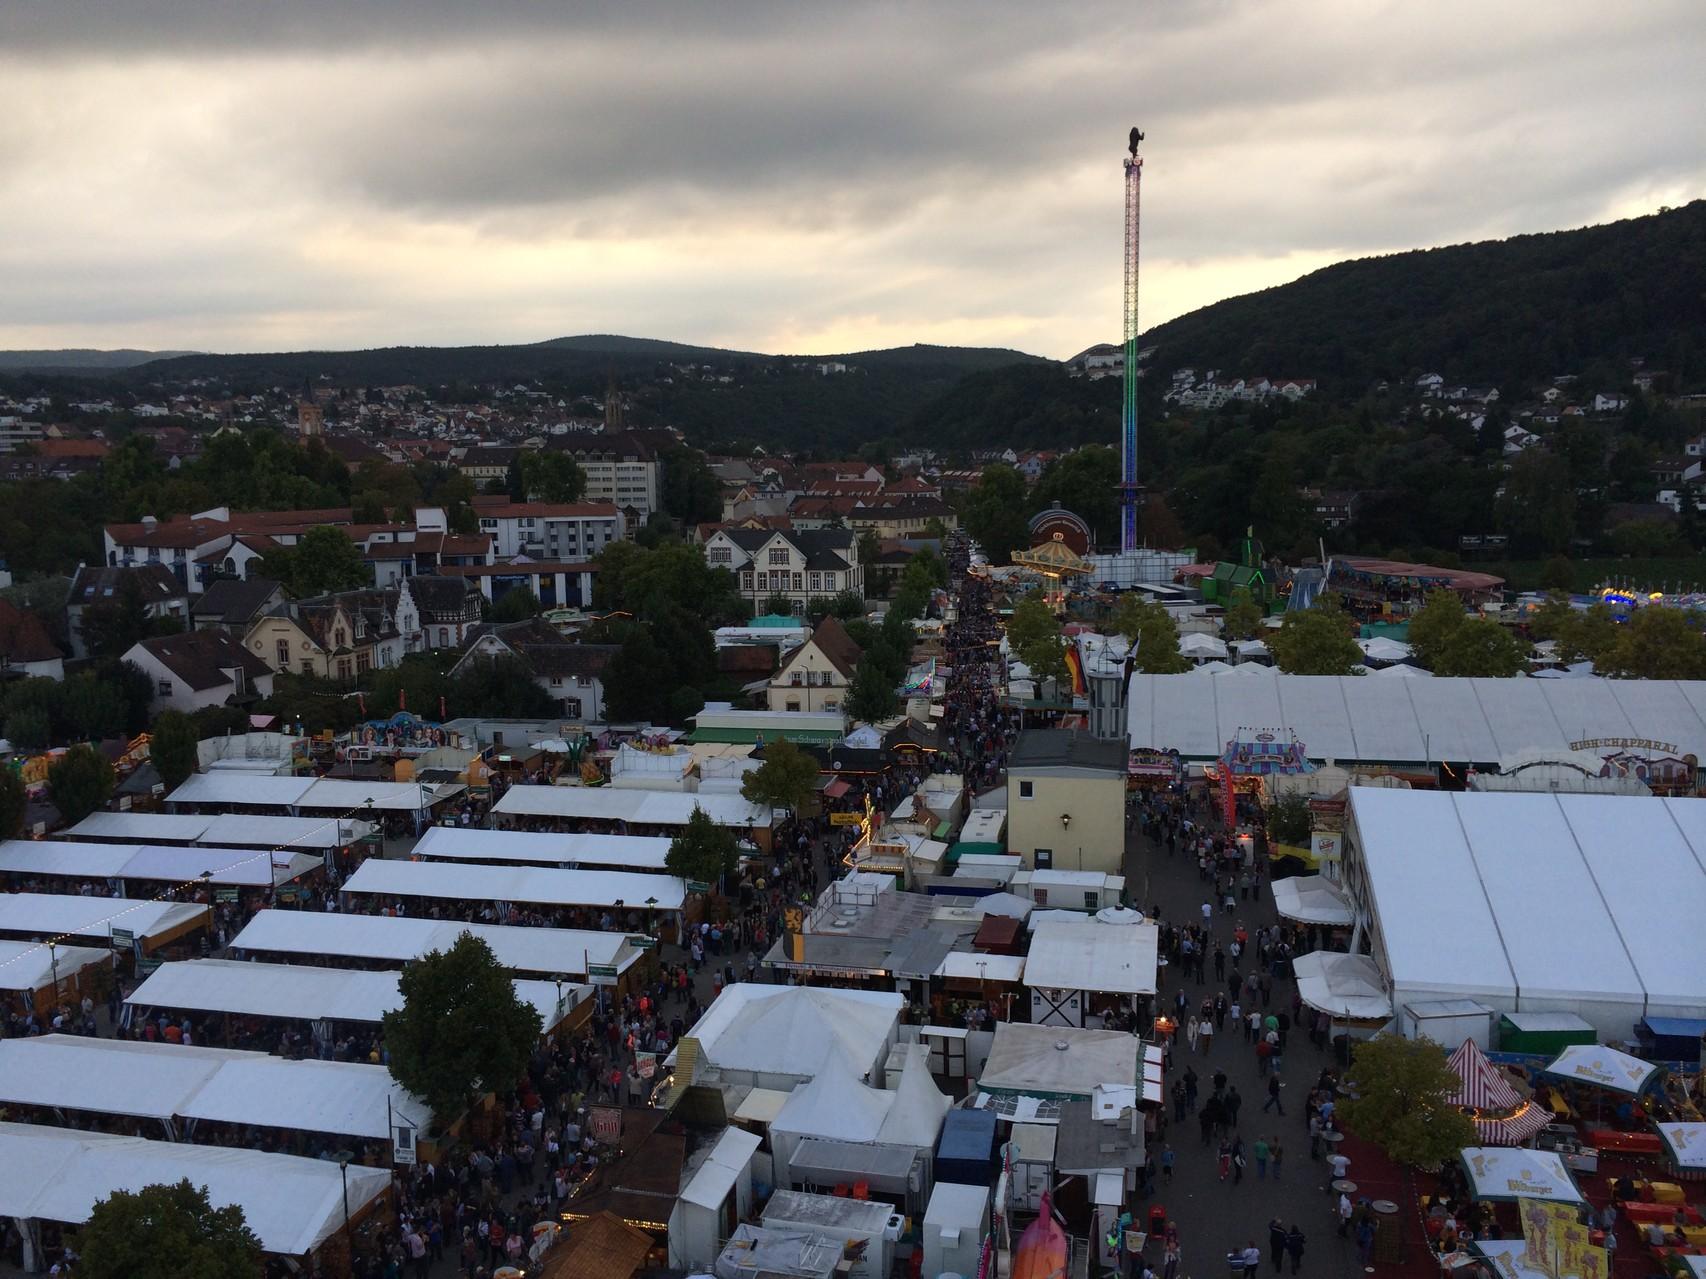 Freefalltower von außen, auch eine Herausforderung (der größte in Deutschland) mit Bilck auf den Ausschank vom Cristian